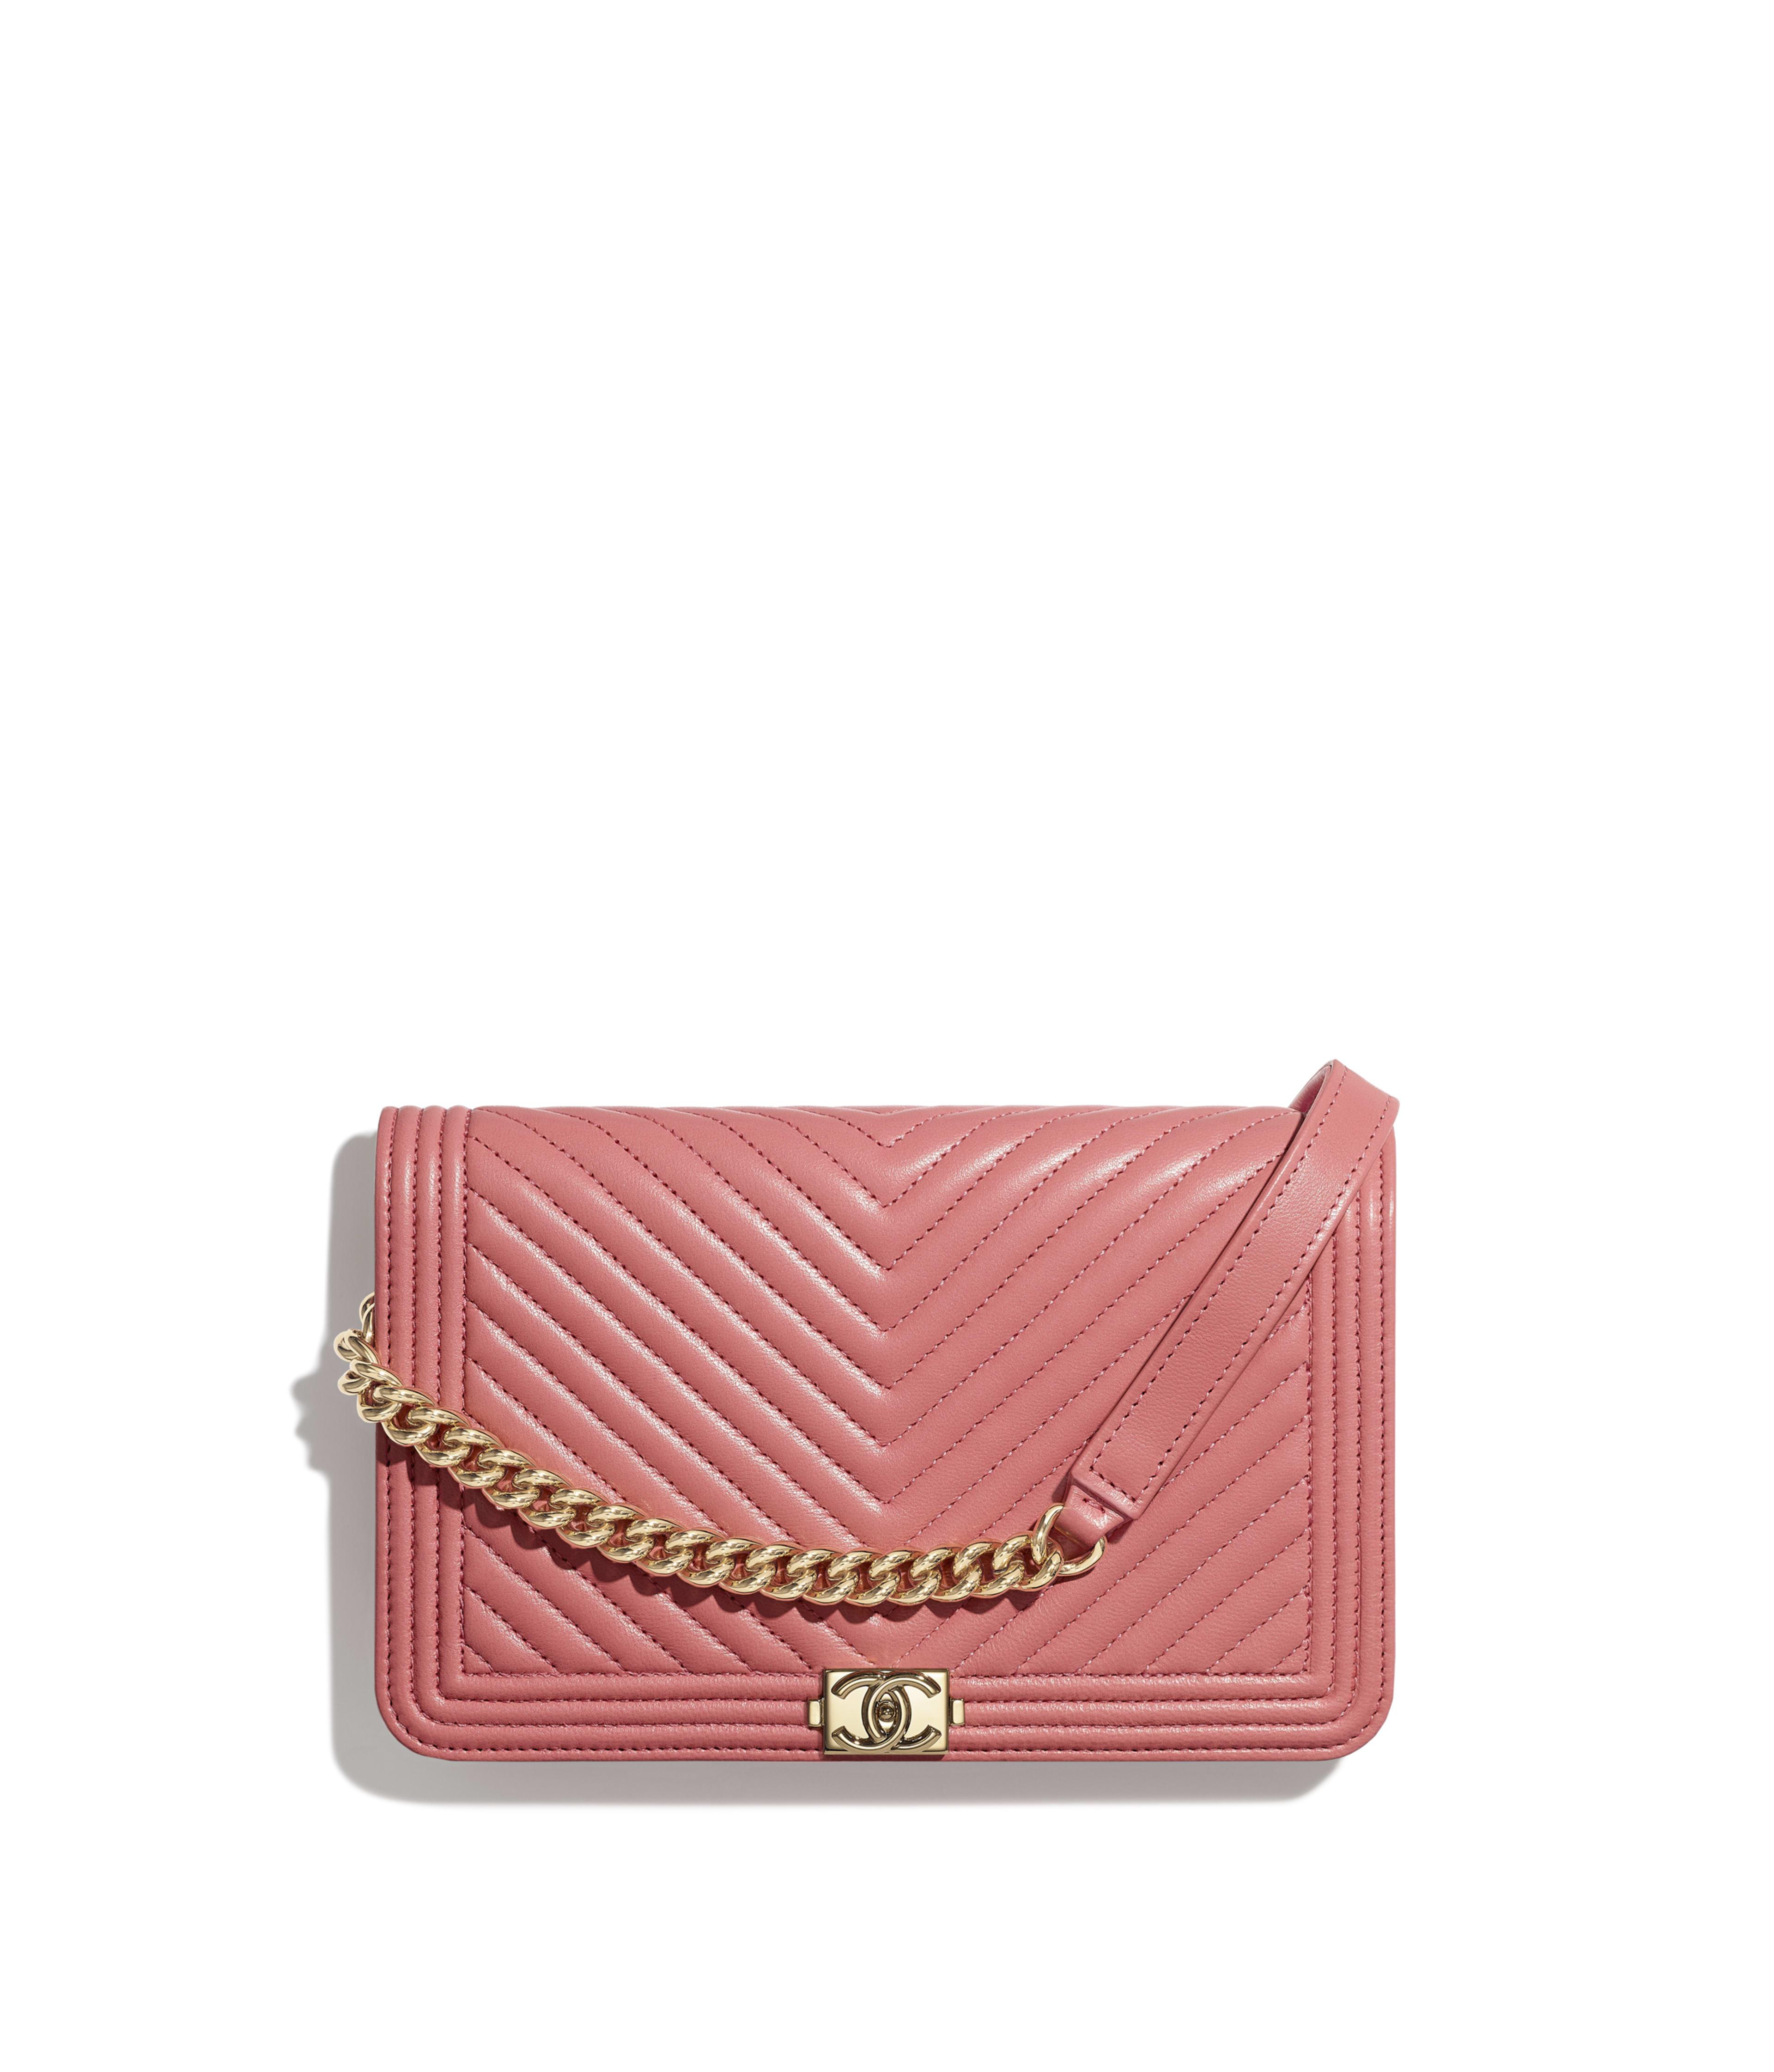 00e496aa4c BOY CHANEL Wallet on Chain Lambskin & Gold-Tone Metal, Pink Ref.  A81969B00635N4704